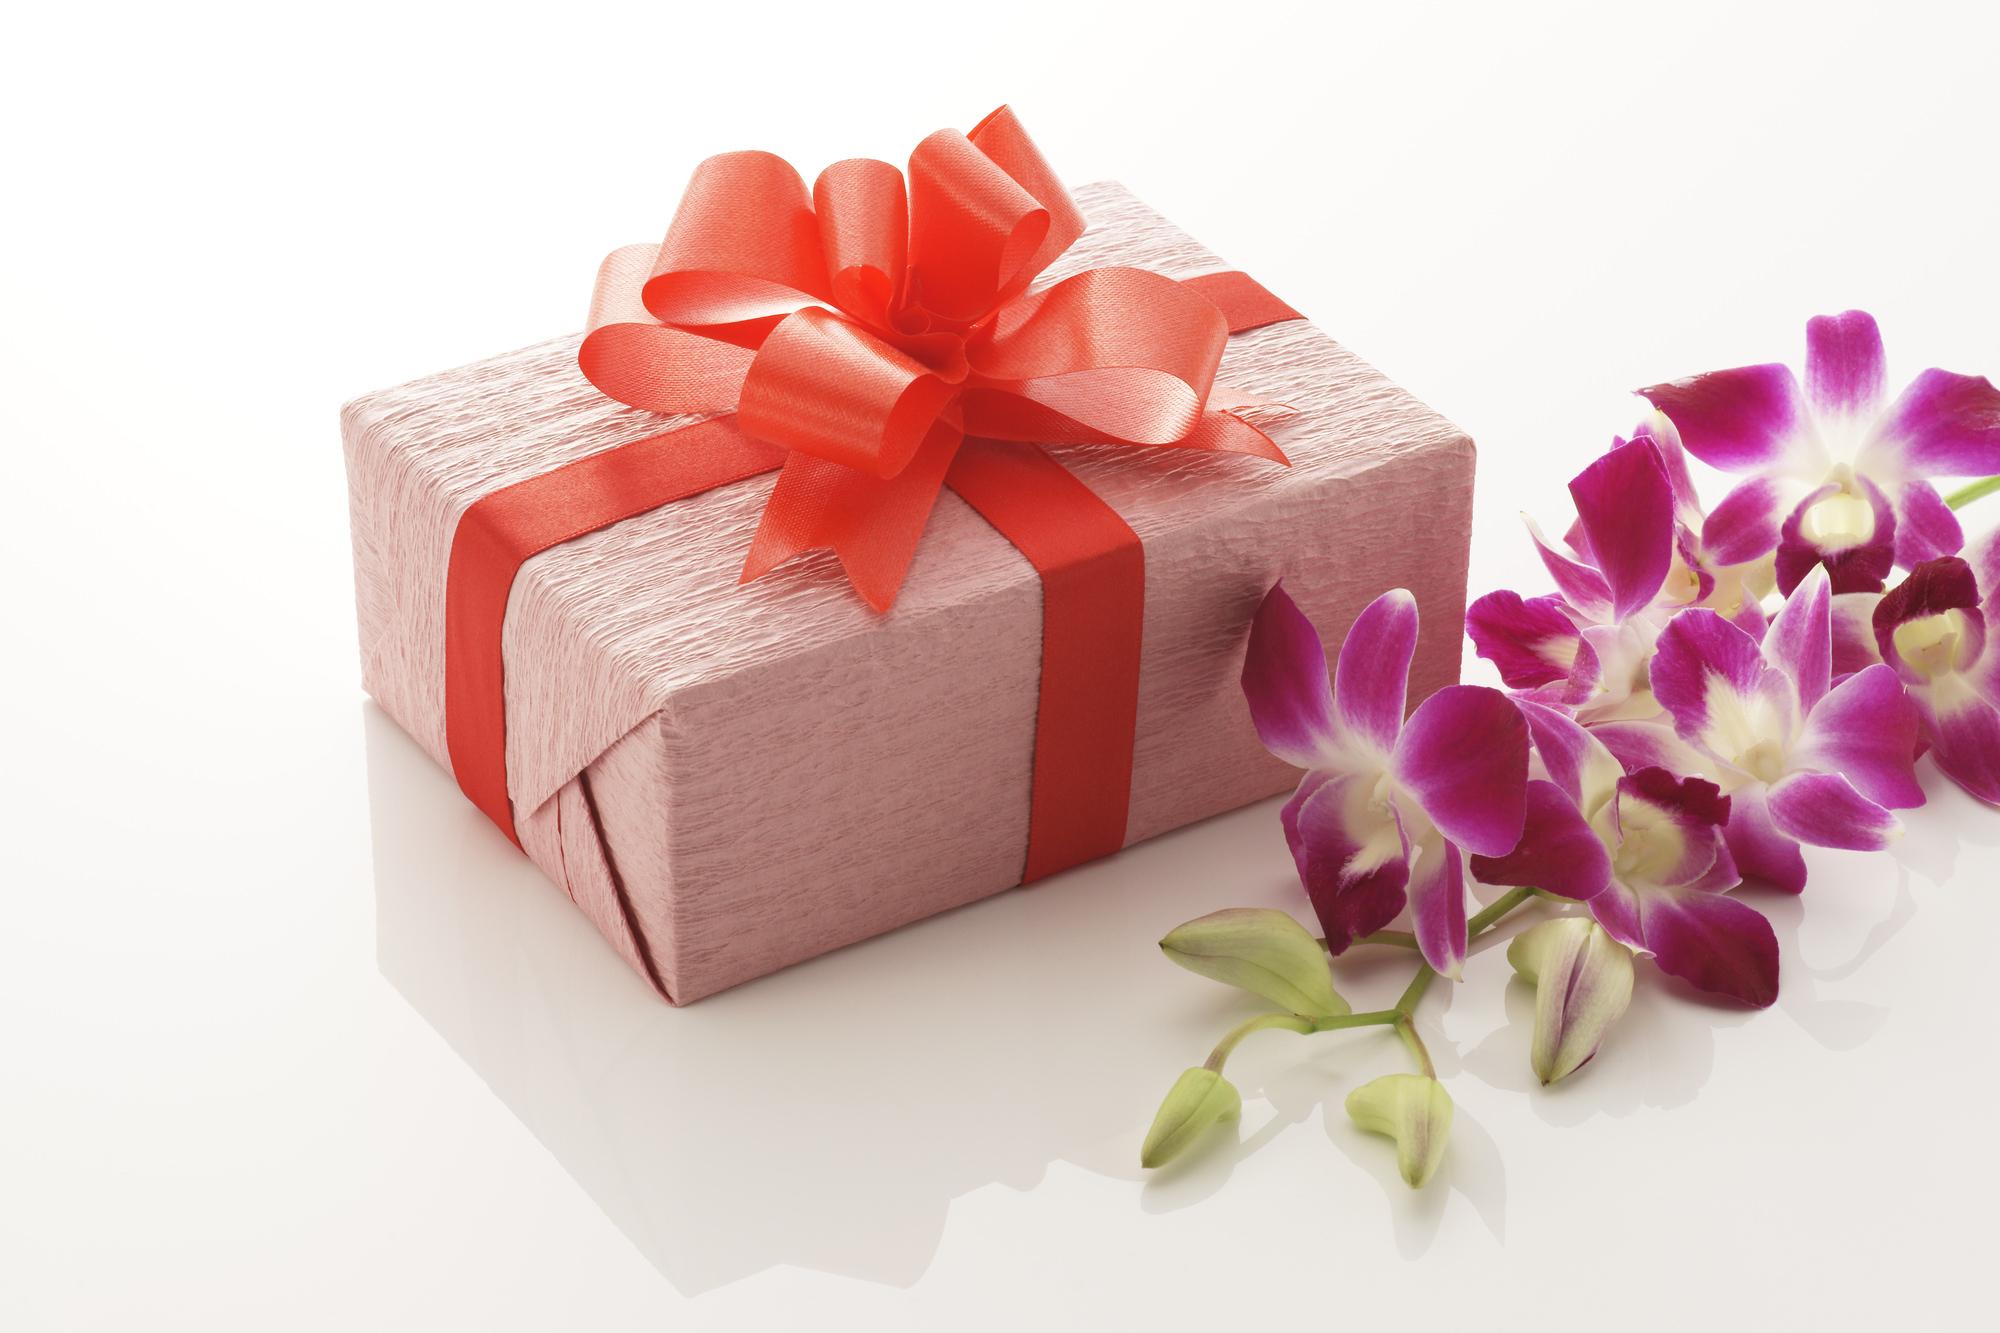 エレガントな色と花びらが特徴のデンファレ